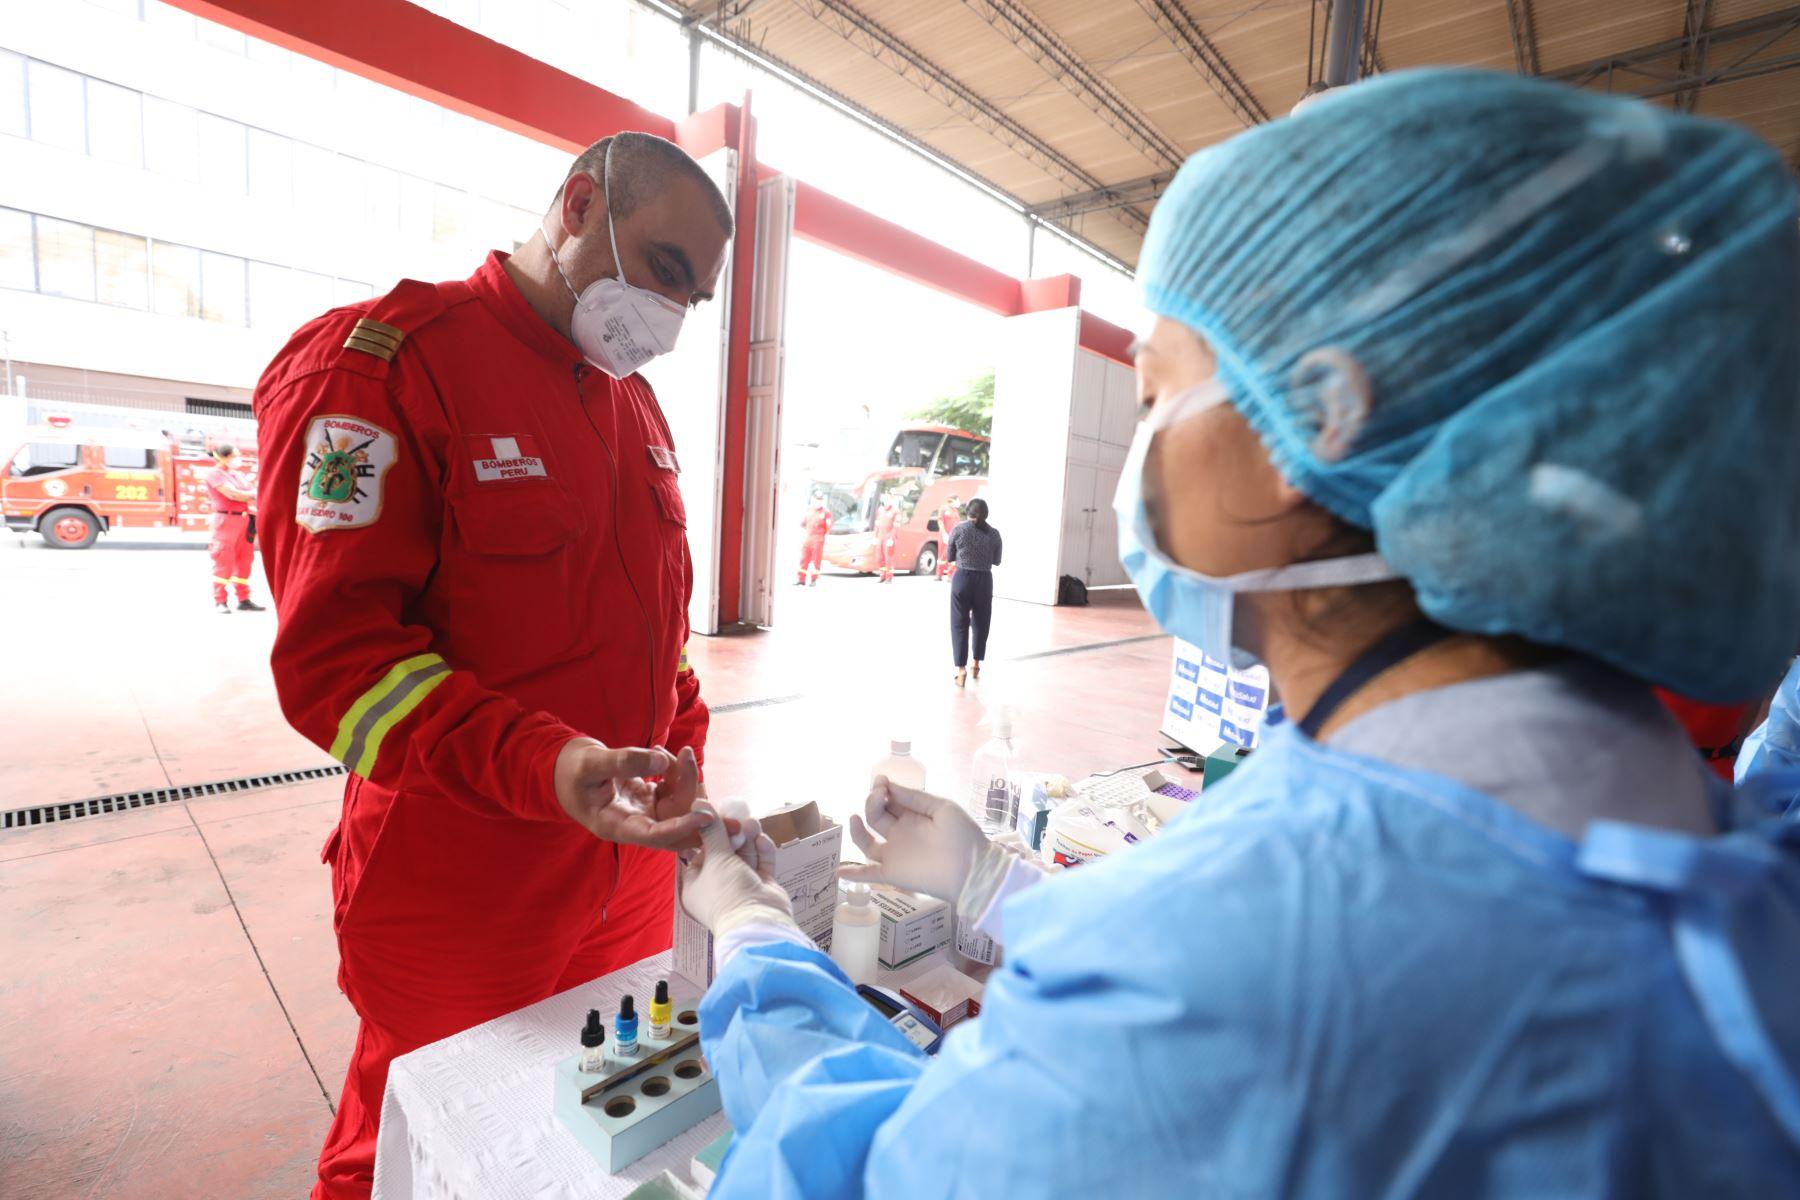 Cuerpo General de Bomberos Voluntarios del Perú participa de campaña de donación de sangre que impulsa EsSalud. Foto:EsSalud